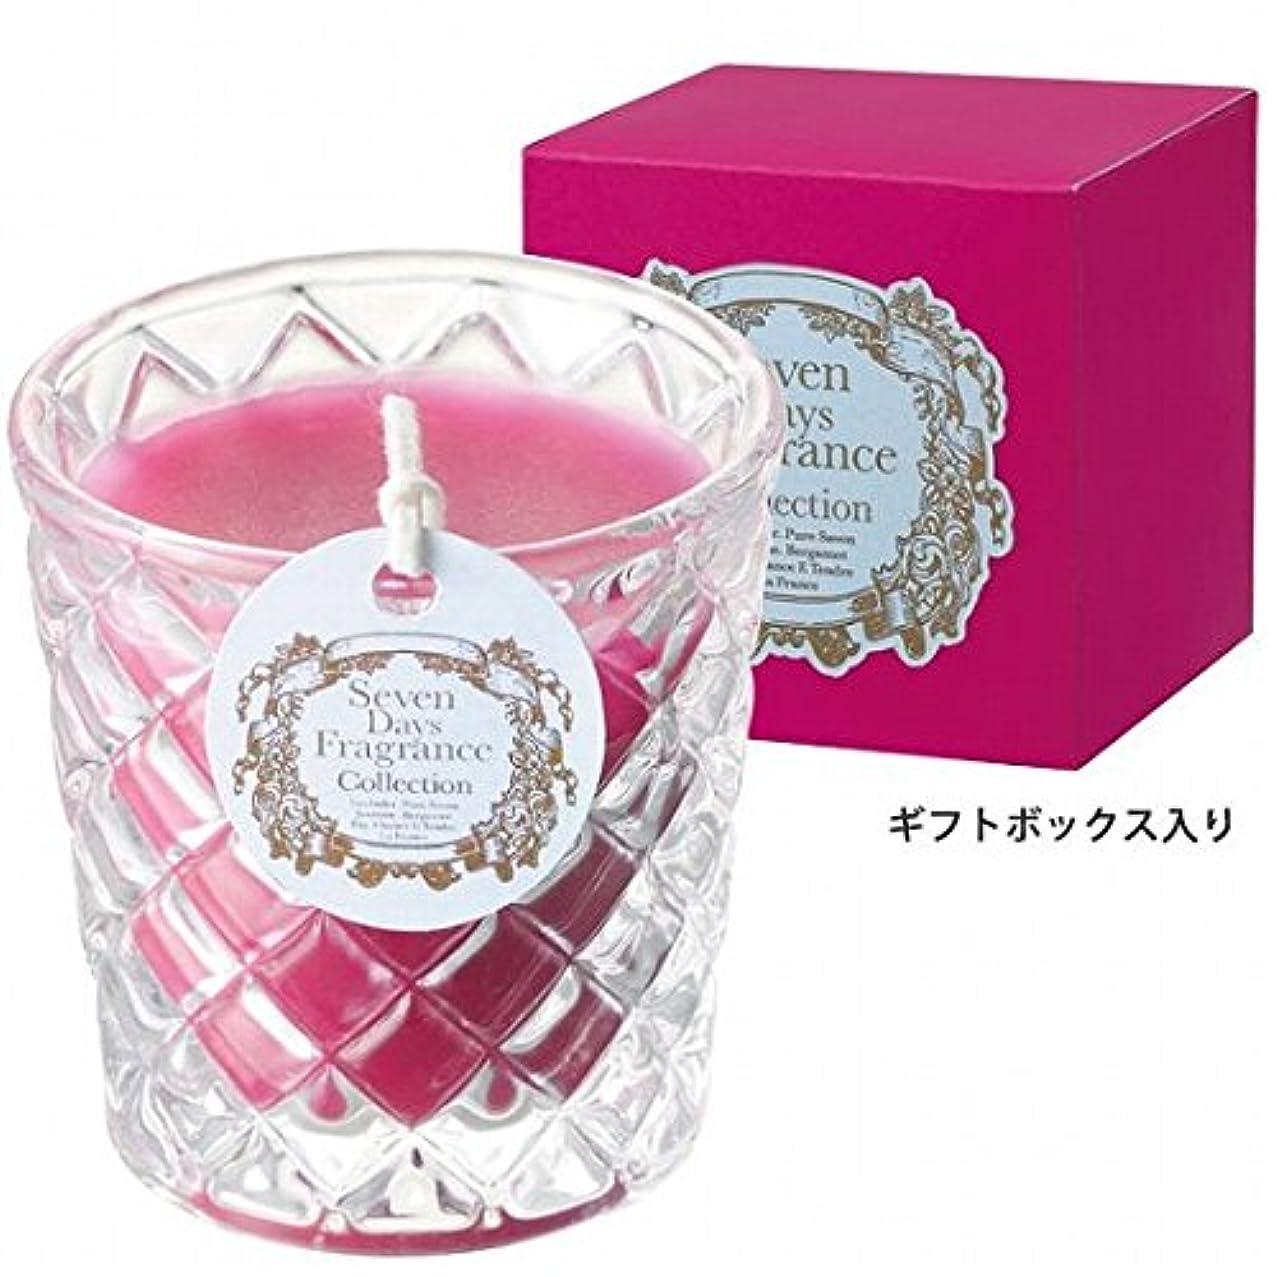 便利さ成人期傷つきやすいカメヤマキャンドル( kameyama candle ) セブンデイズグラスキャンドル(木曜日) 「 フィグ 」